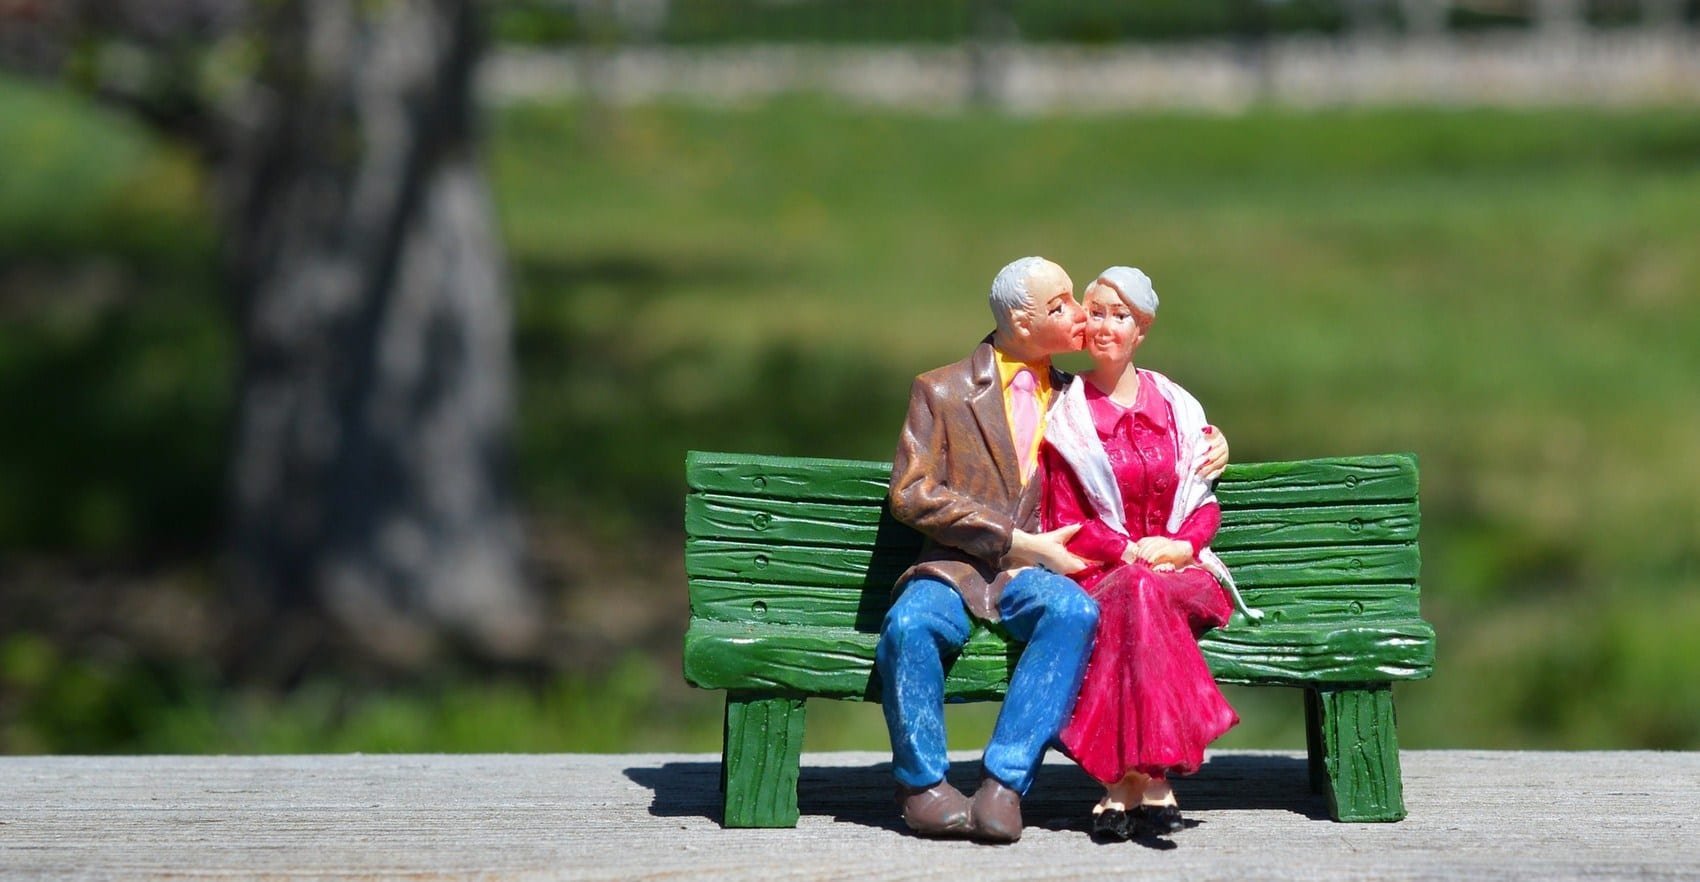 Prueba un simulador para calcular cómo conseguir mayores ingresos para la jubilación